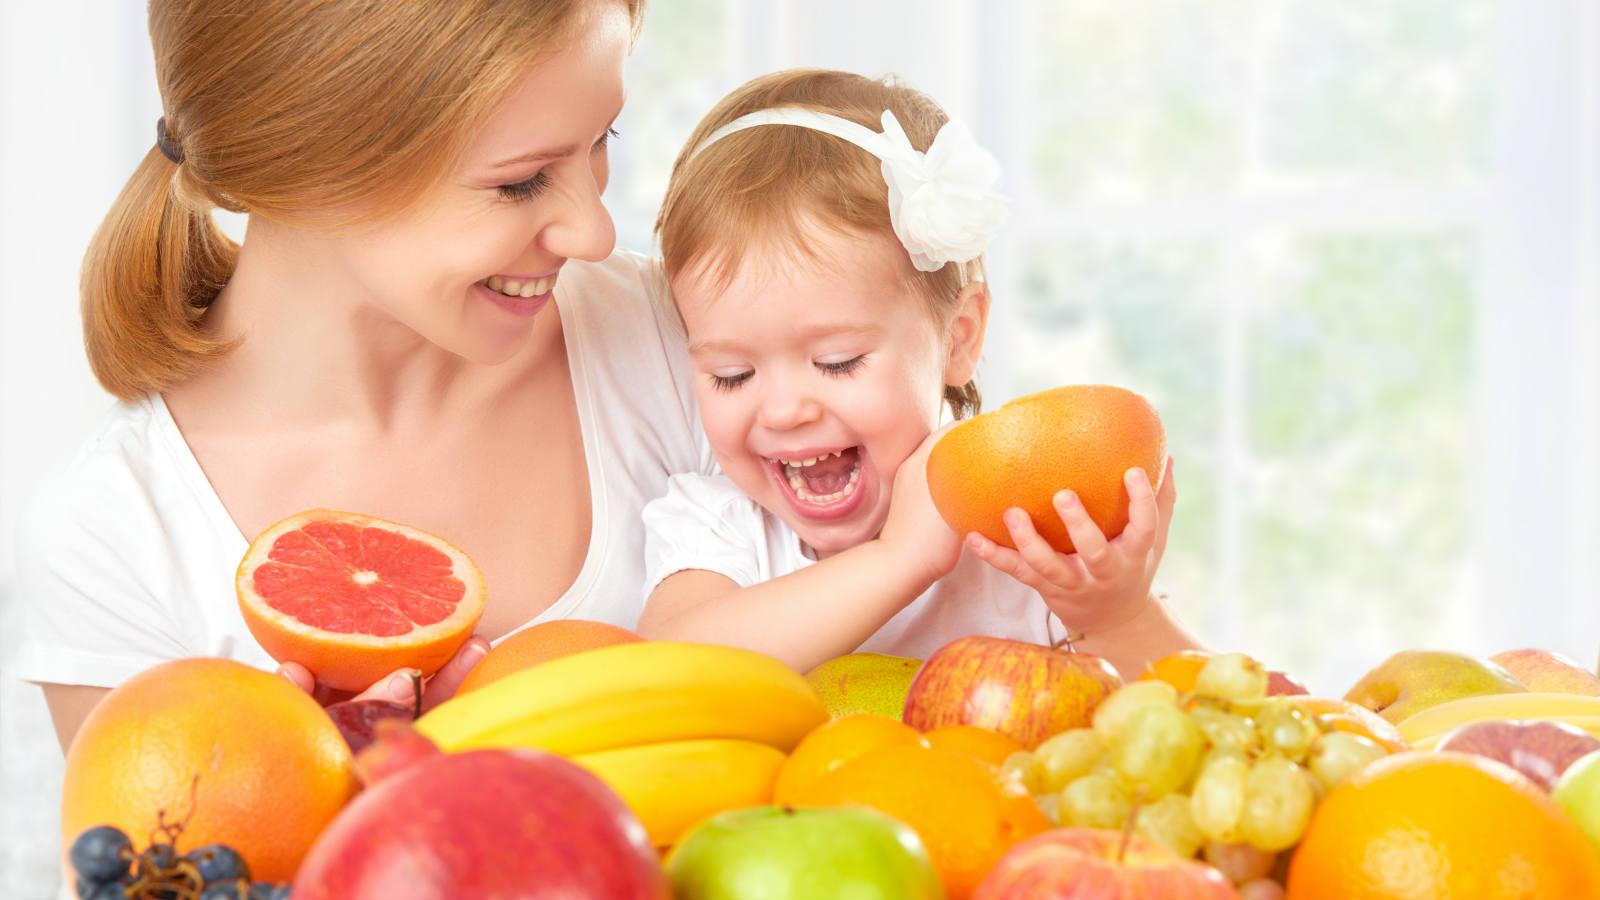 La frutta dell'inverno, proprietà nutritive